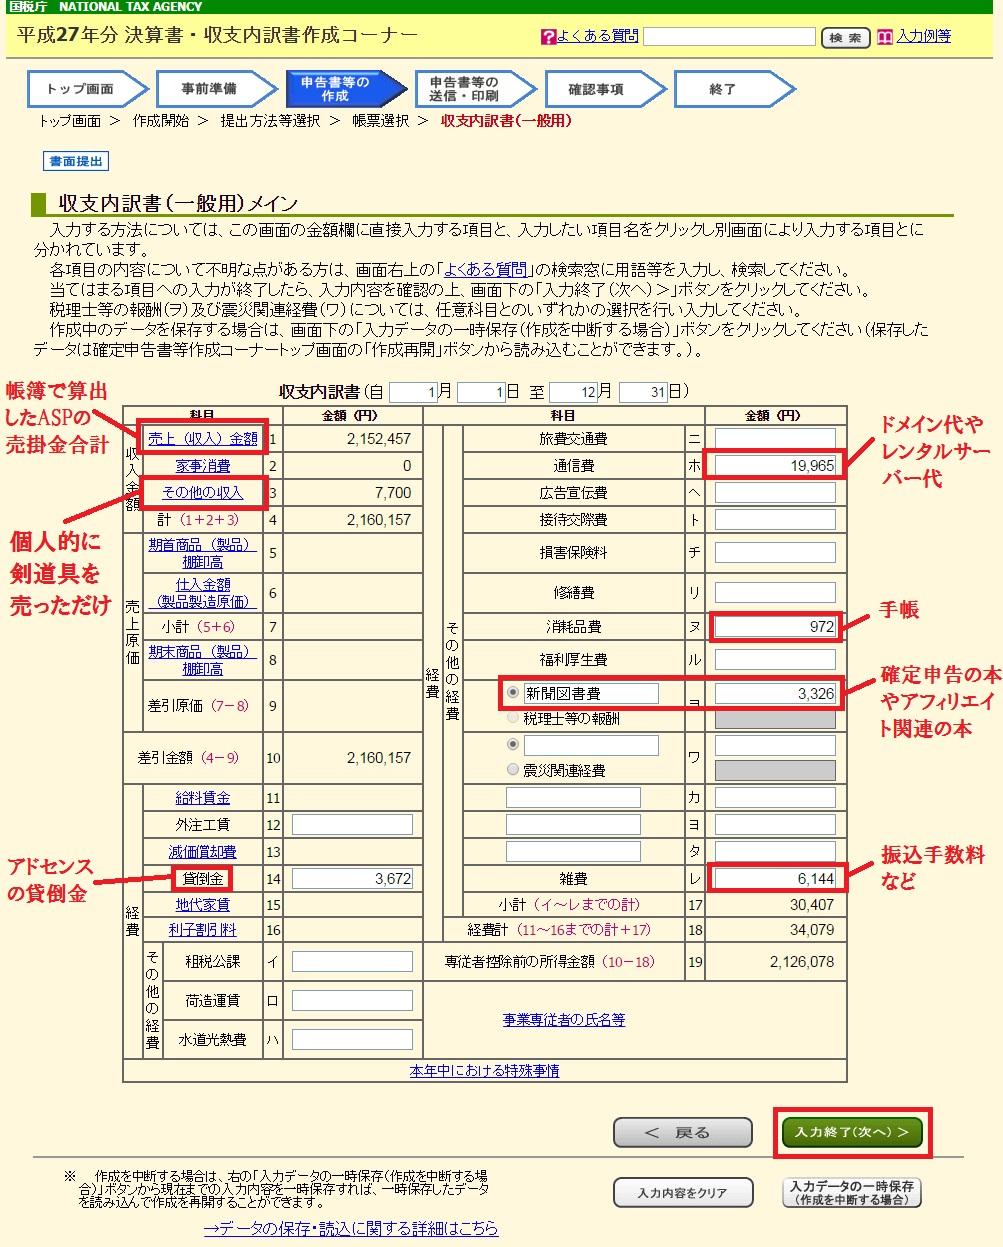 ワニ銀確定申告税務署ホームページ9